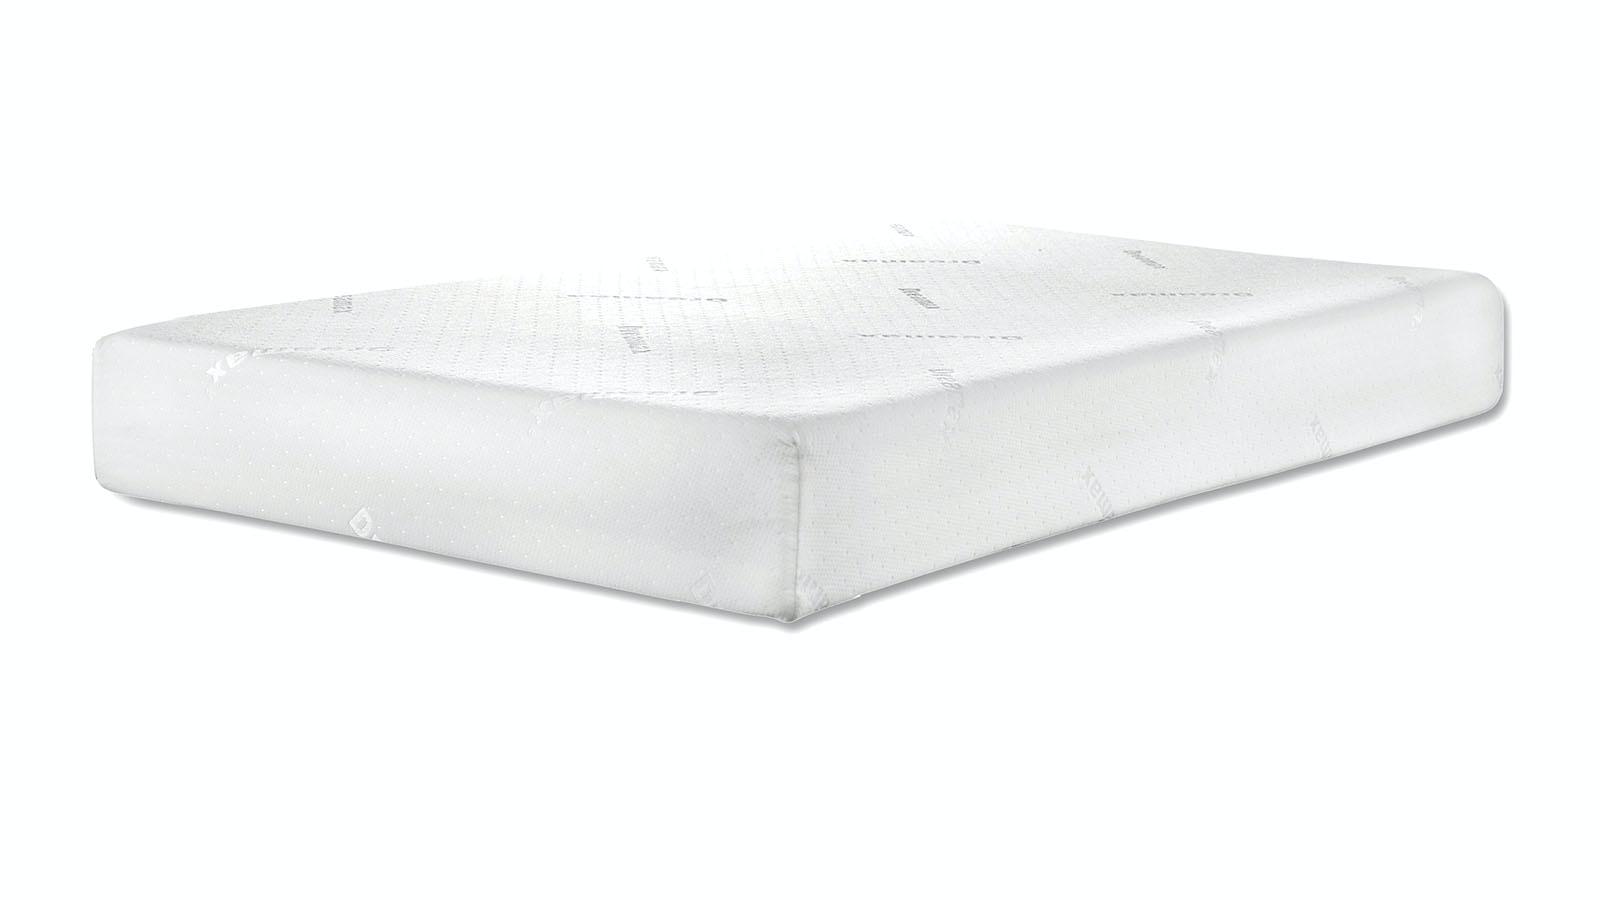 Furniture of America Mattresses 8 Memory Foam Mattress Queen DM